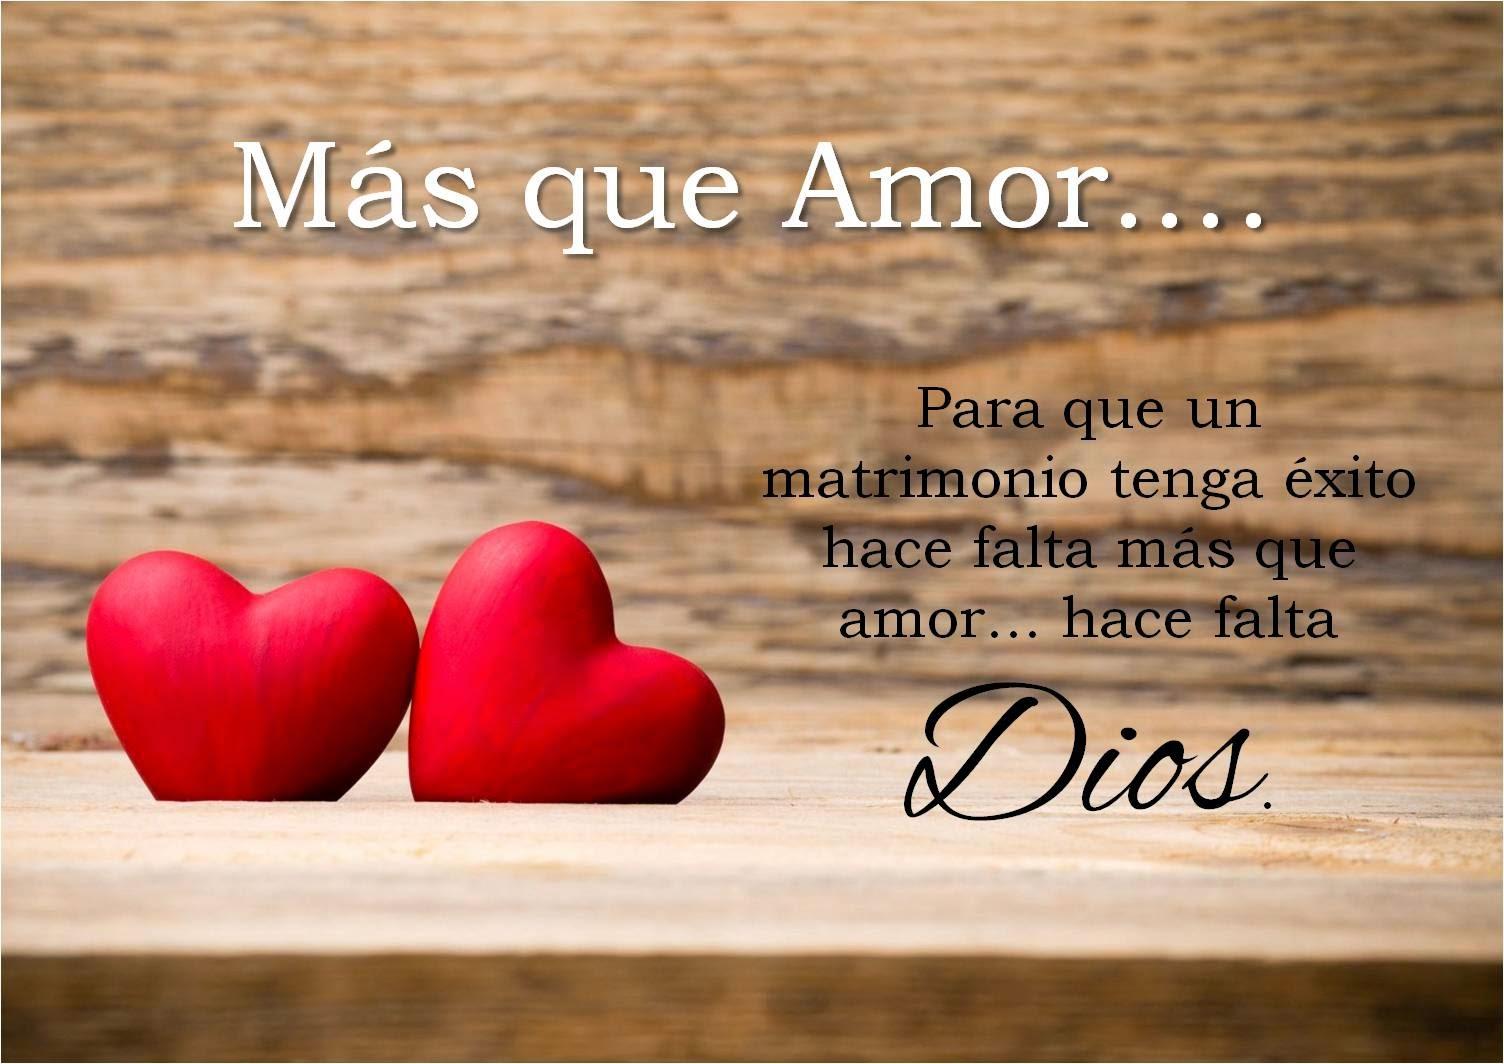 http://www.elviajedeunamujer.com/2015/02/mas-que-amor.html